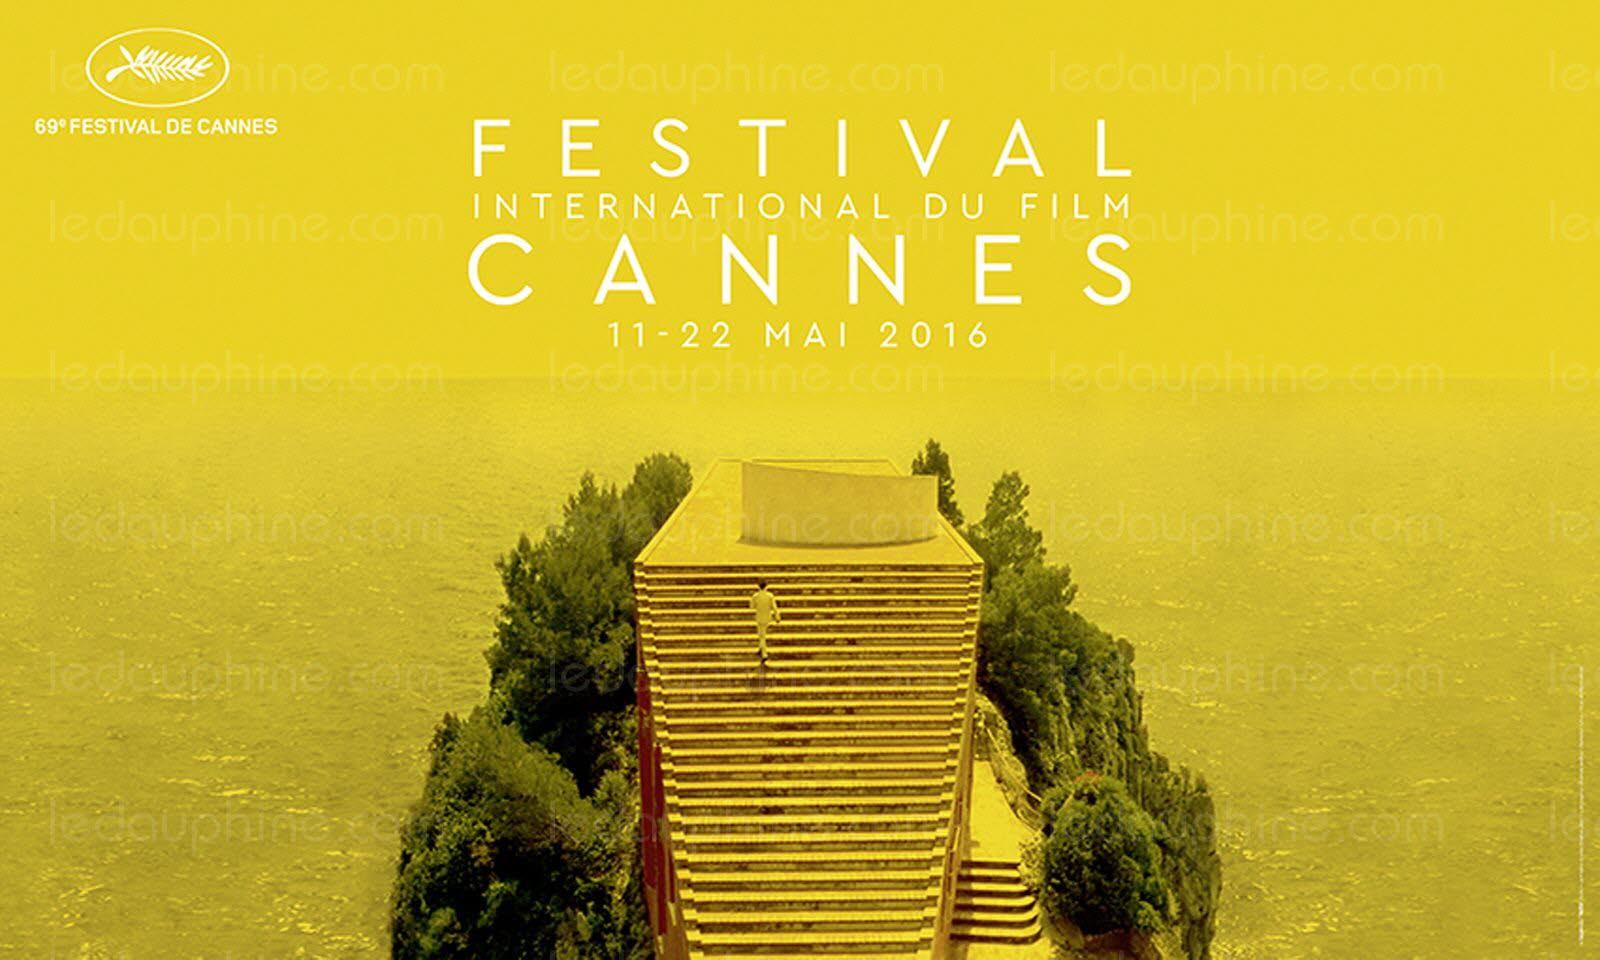 L affiche du 69e festival de cannes